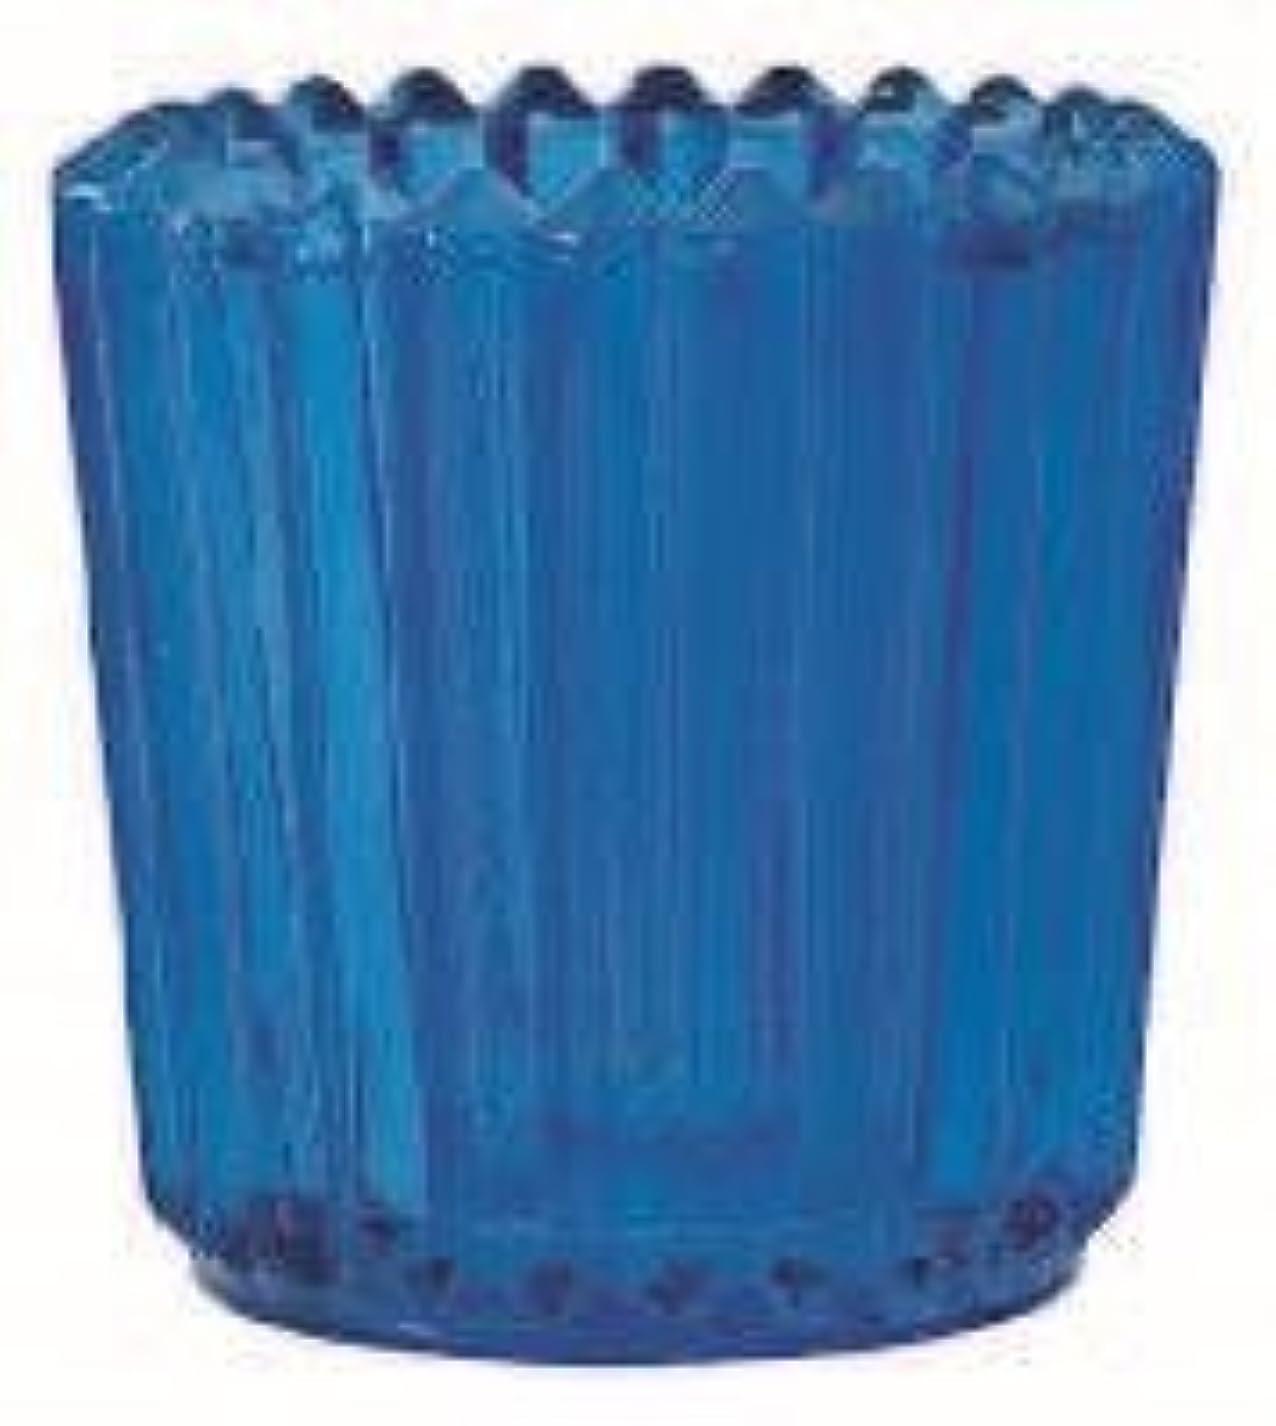 発火するカトリック教徒スキャンカメヤマキャンドル( kameyama candle ) ソレイユ 「 ブルー 」